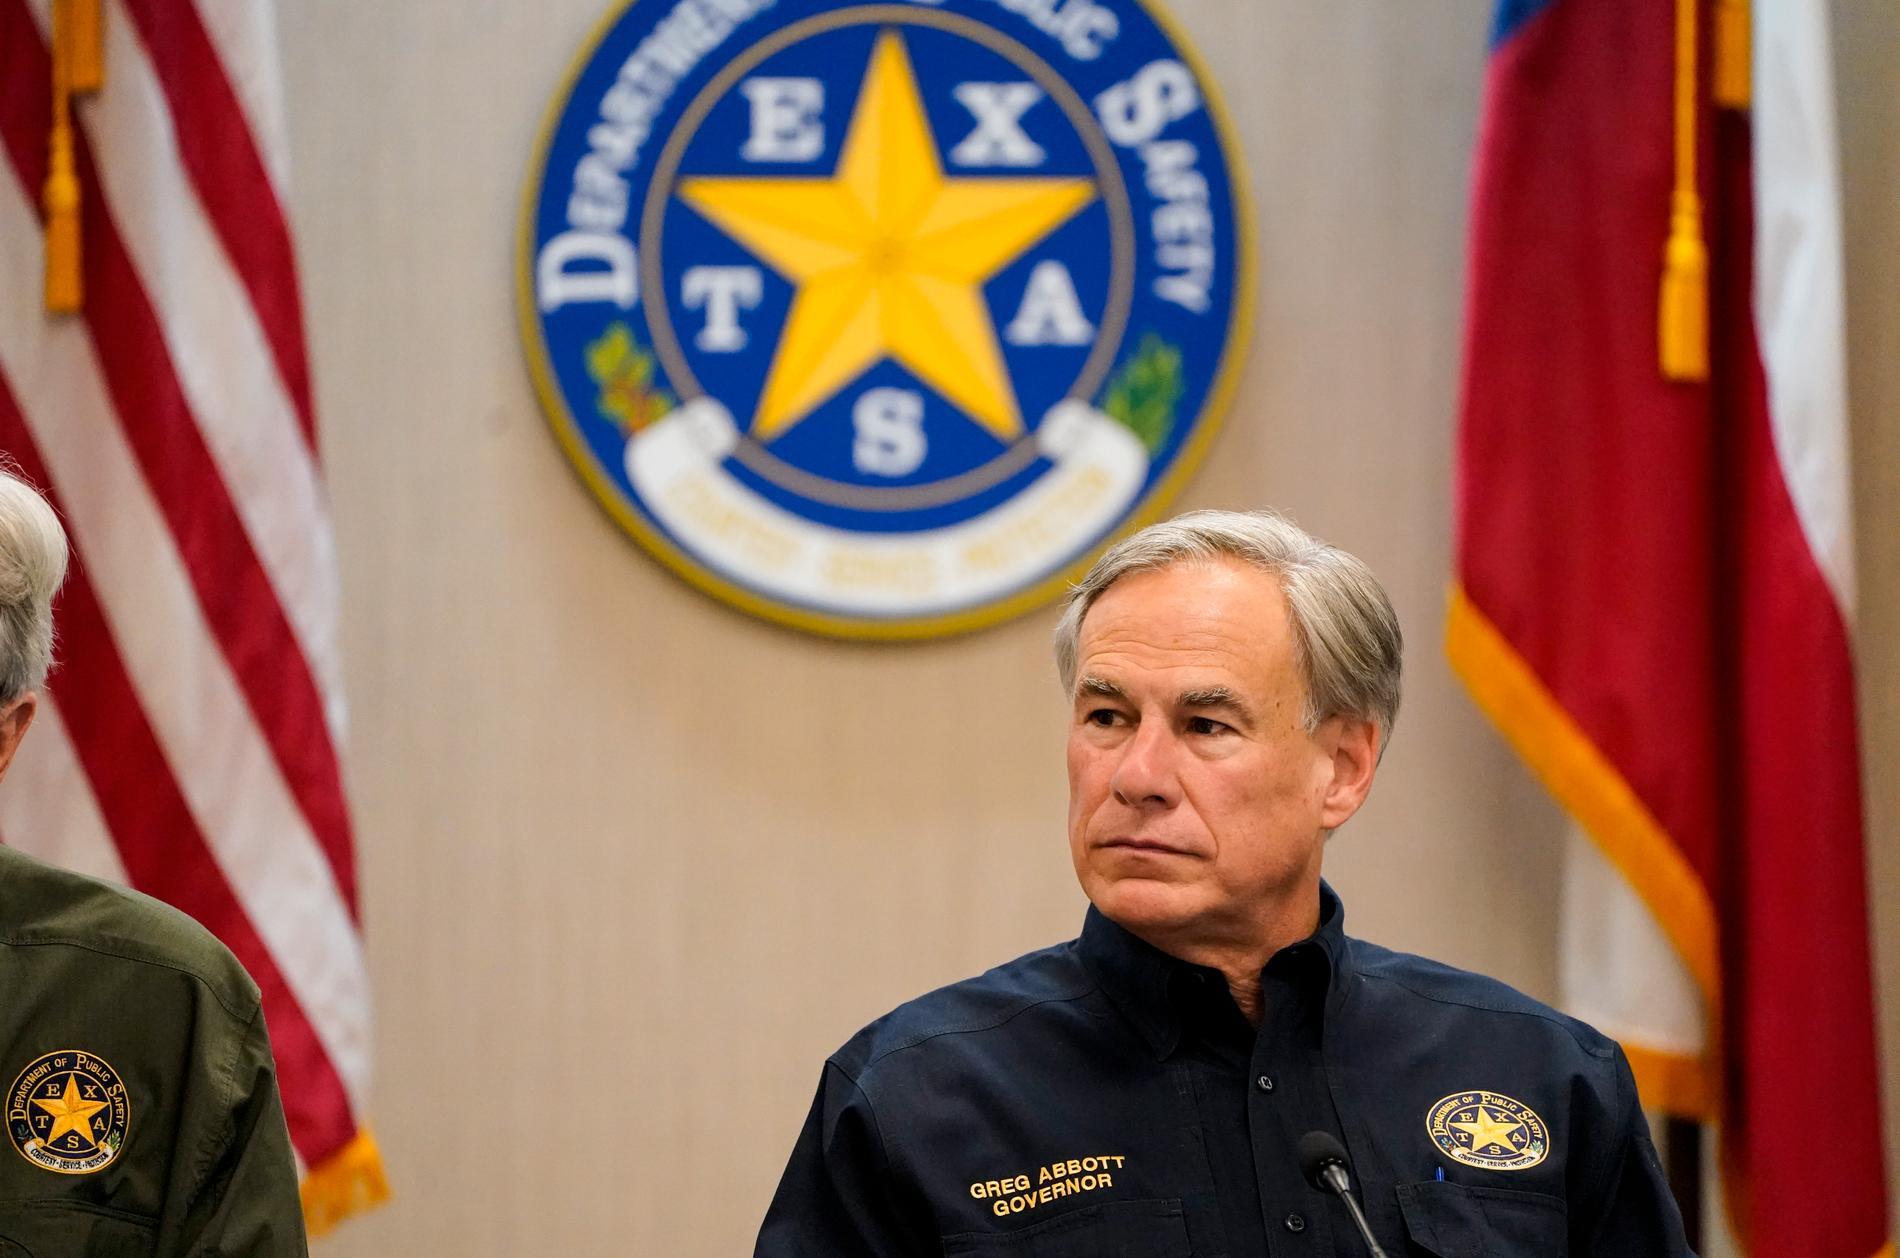 Texas guvernör Greg Abbott har begränsat transporten av migranter i delstaten, vilket har fått Bidens regering att ilskna till.